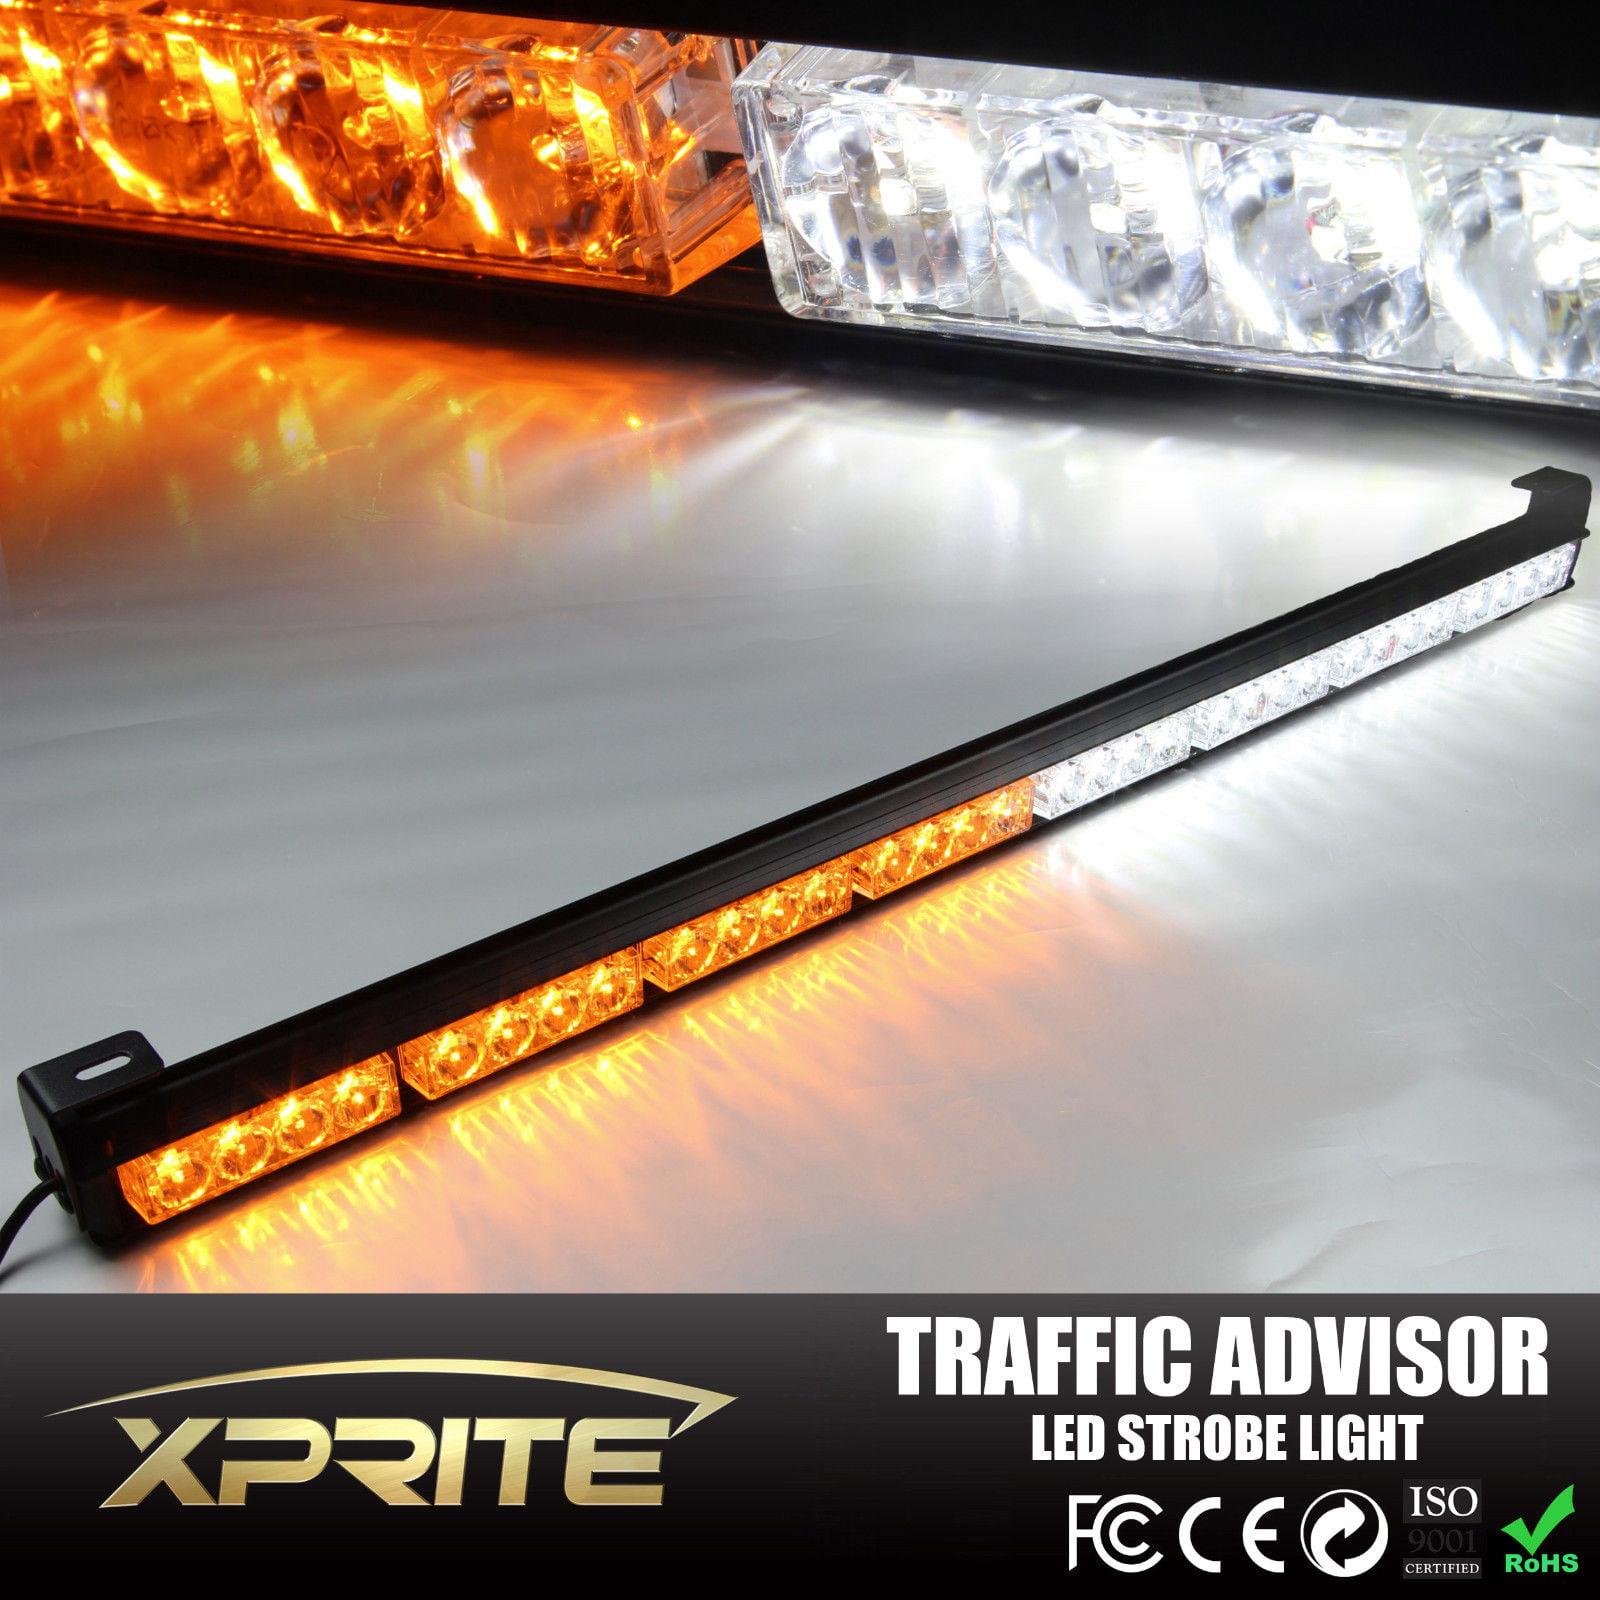 """Xprite 36"""" 32 LED Emergency Traffic Advisor Hazard Strobe Light Bar WHITE / AMBER"""